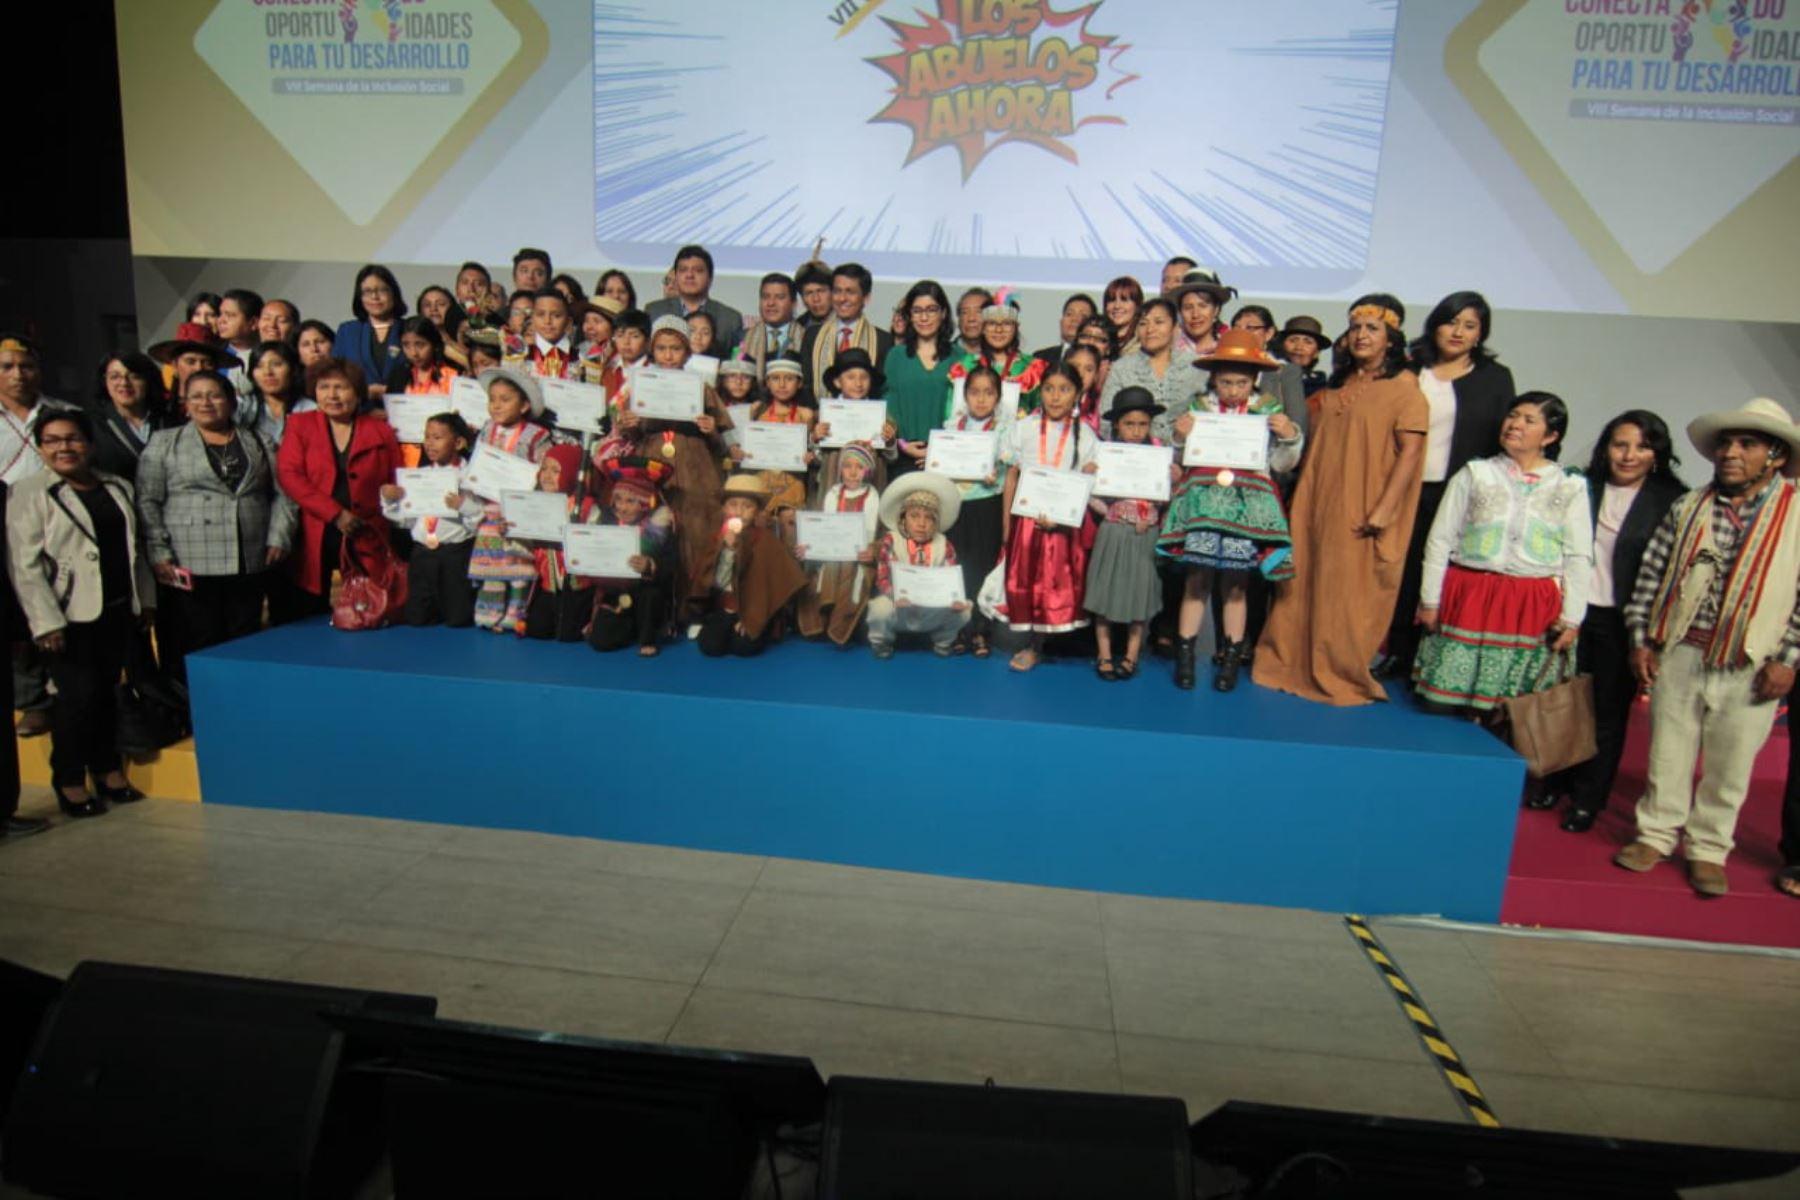 El titular del Midis, Jorge Meléndez, presidió la premiación de los ganadores del concurso Los Abuelos Ahora, en el que participaron escolares de 2,703 colegios públicos y privados del país.